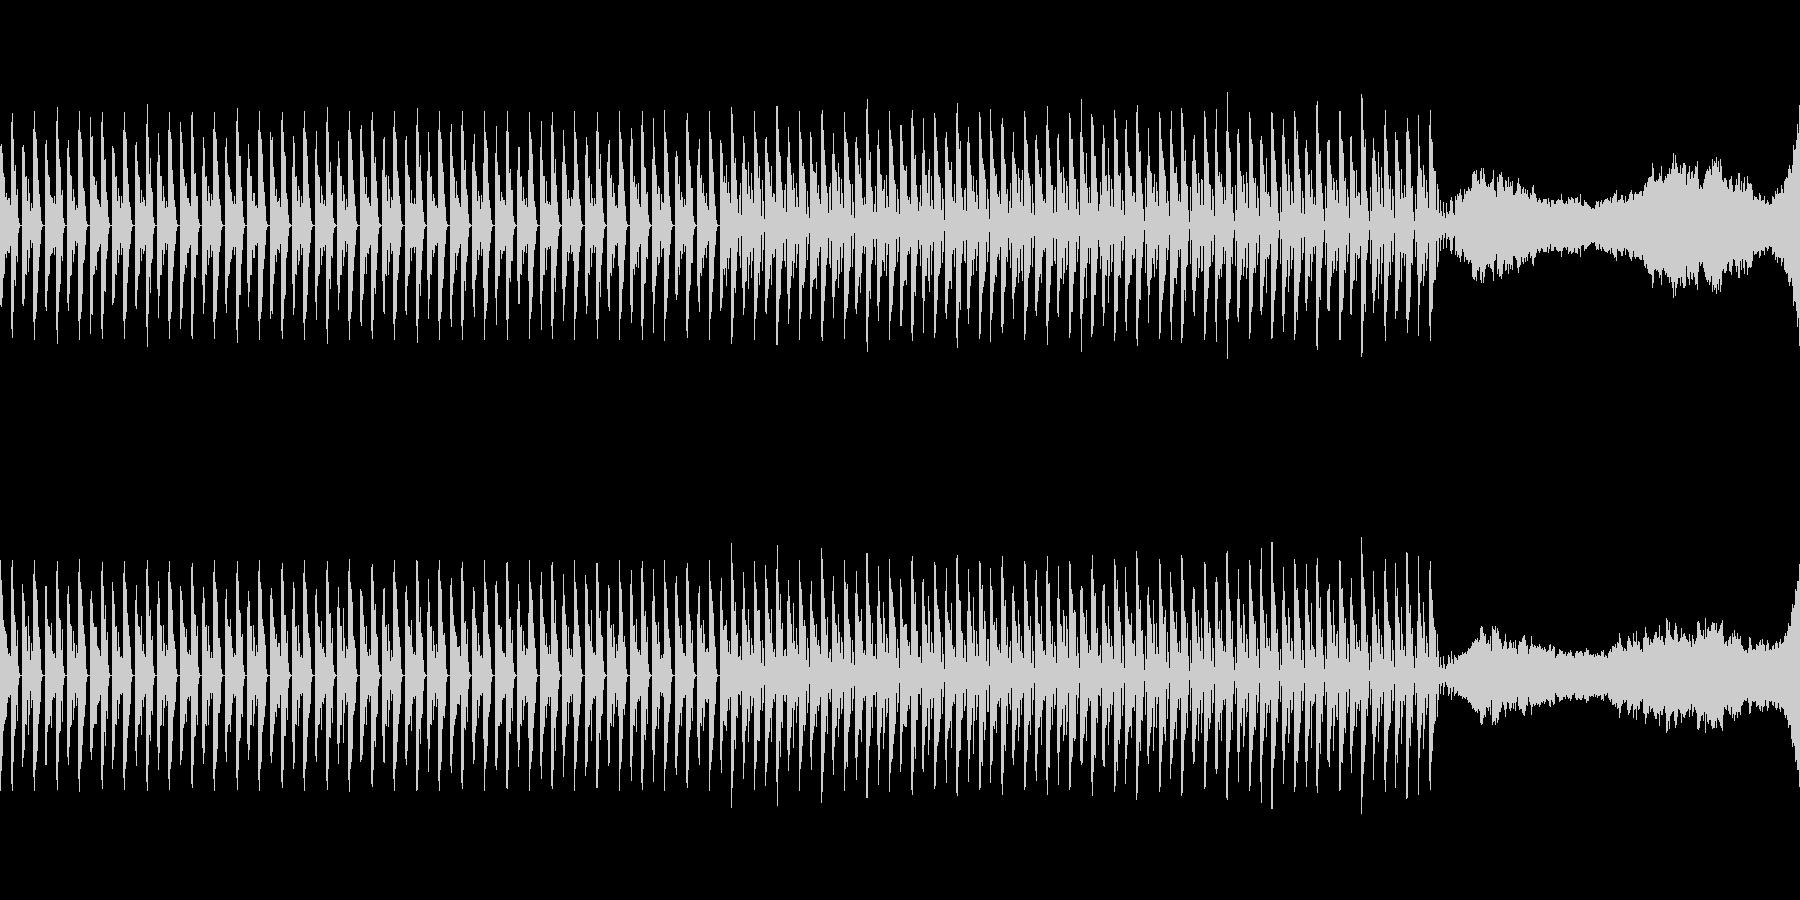 【映像系】スリリング系 (Long)の未再生の波形